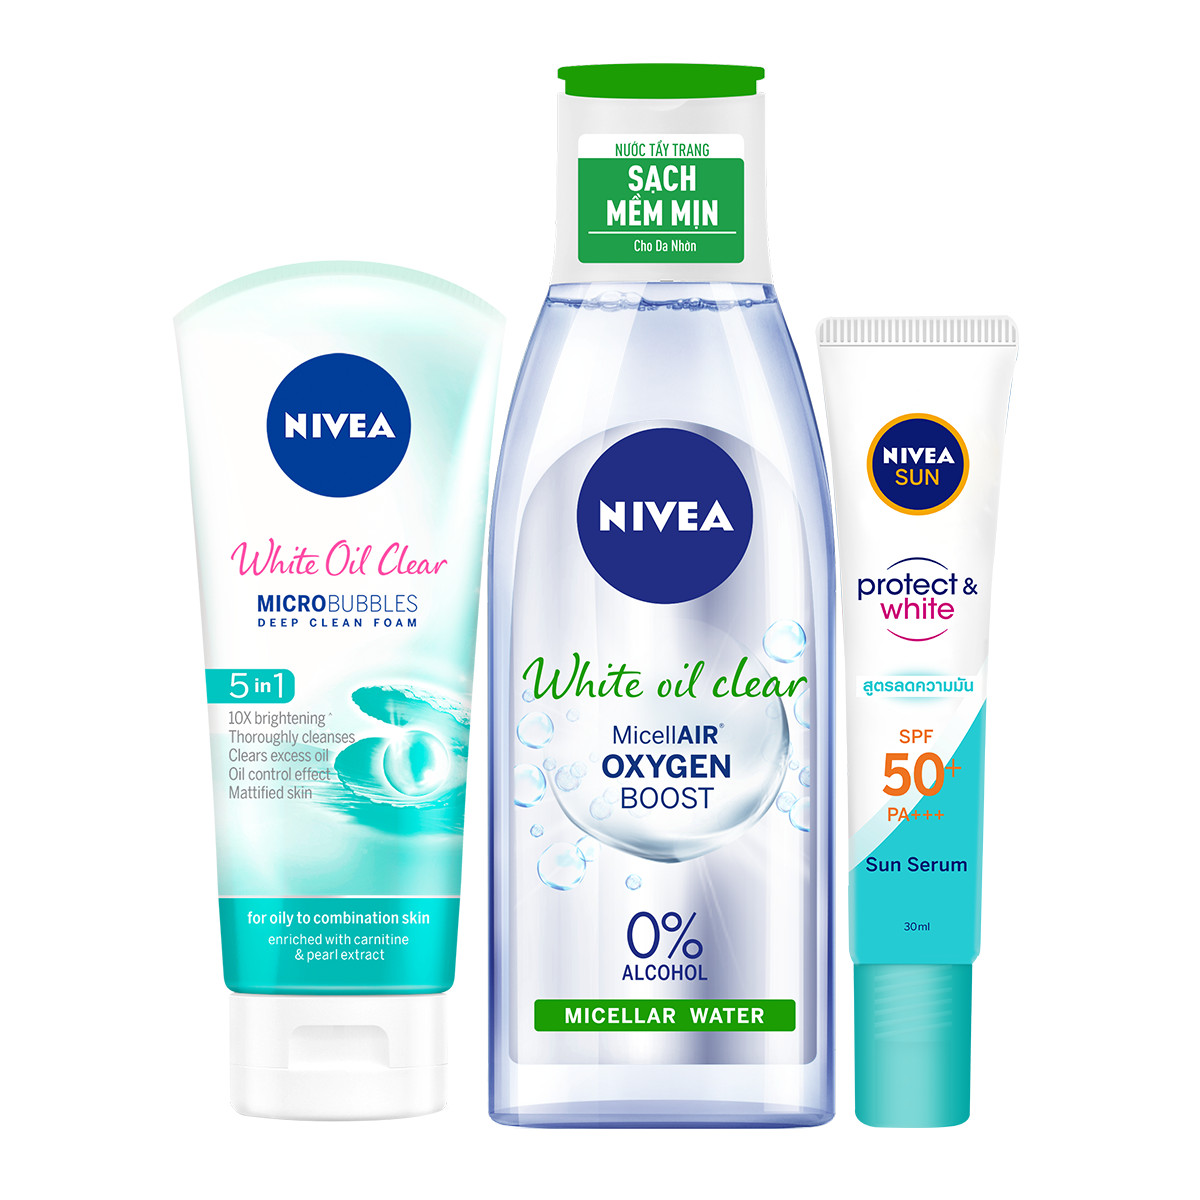 Bộ 3 Tinh Chất Chống Nắng NIVEA Dưỡng Trắng & Kiểm Soát Dầu SPF50+ PA+++ (30ml) - 86060 & Nước Tẩy Trang NIVEA White Oil Clear Kiểm Soát Nhờn Micellar Water (200ml) - 86609 & Sữa rửa mặt NIVEA White Oil Clear giúp trắng da sạch nhờn (100g) - 84951